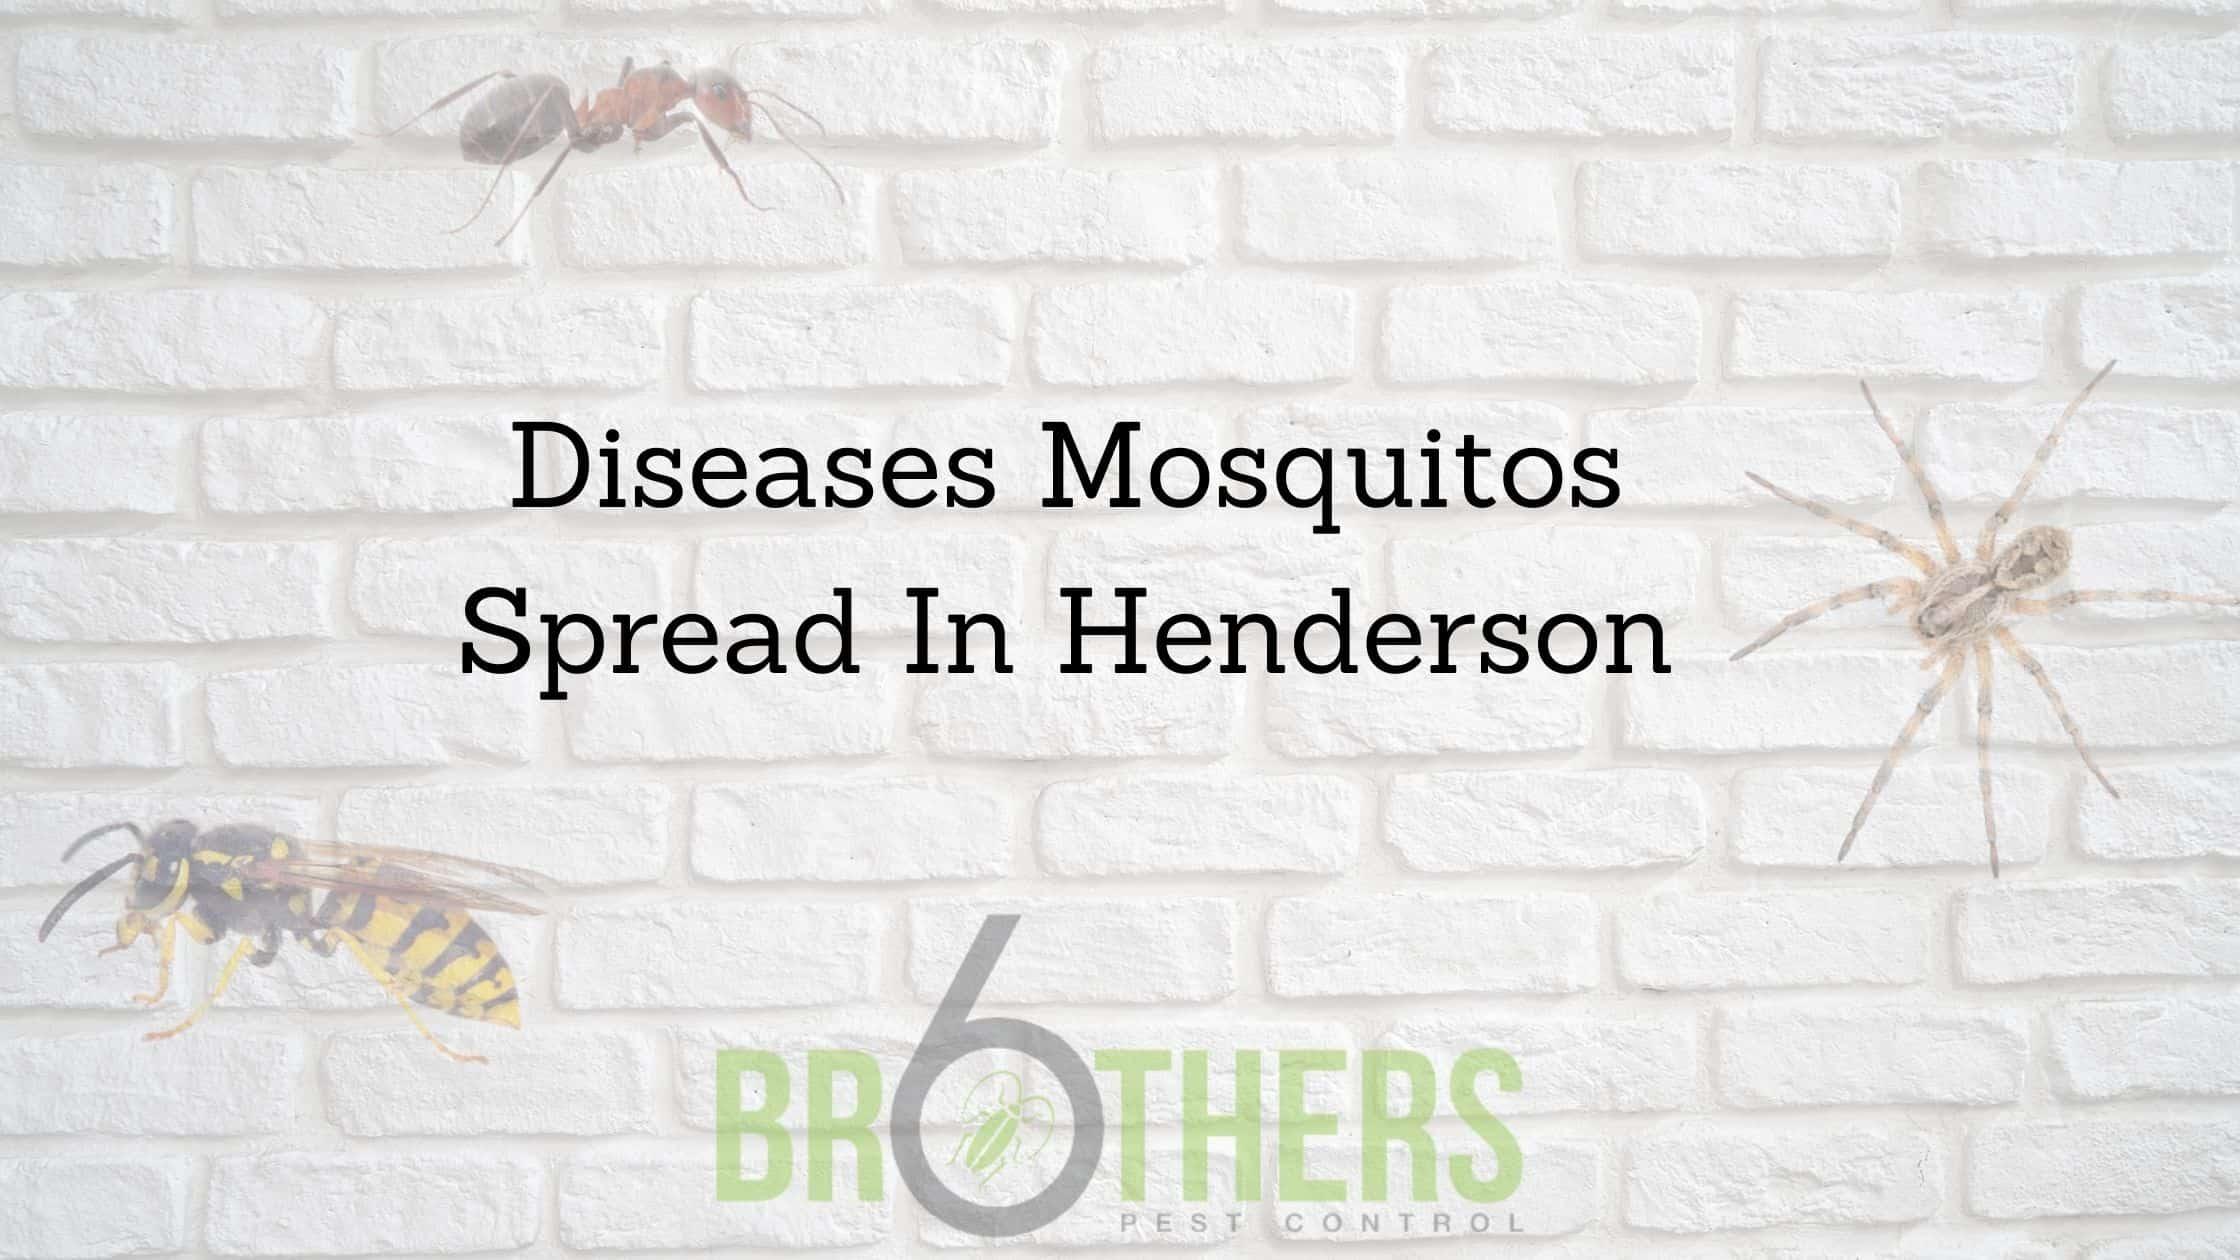 Diseases Mosquitoes Spread In Henderson